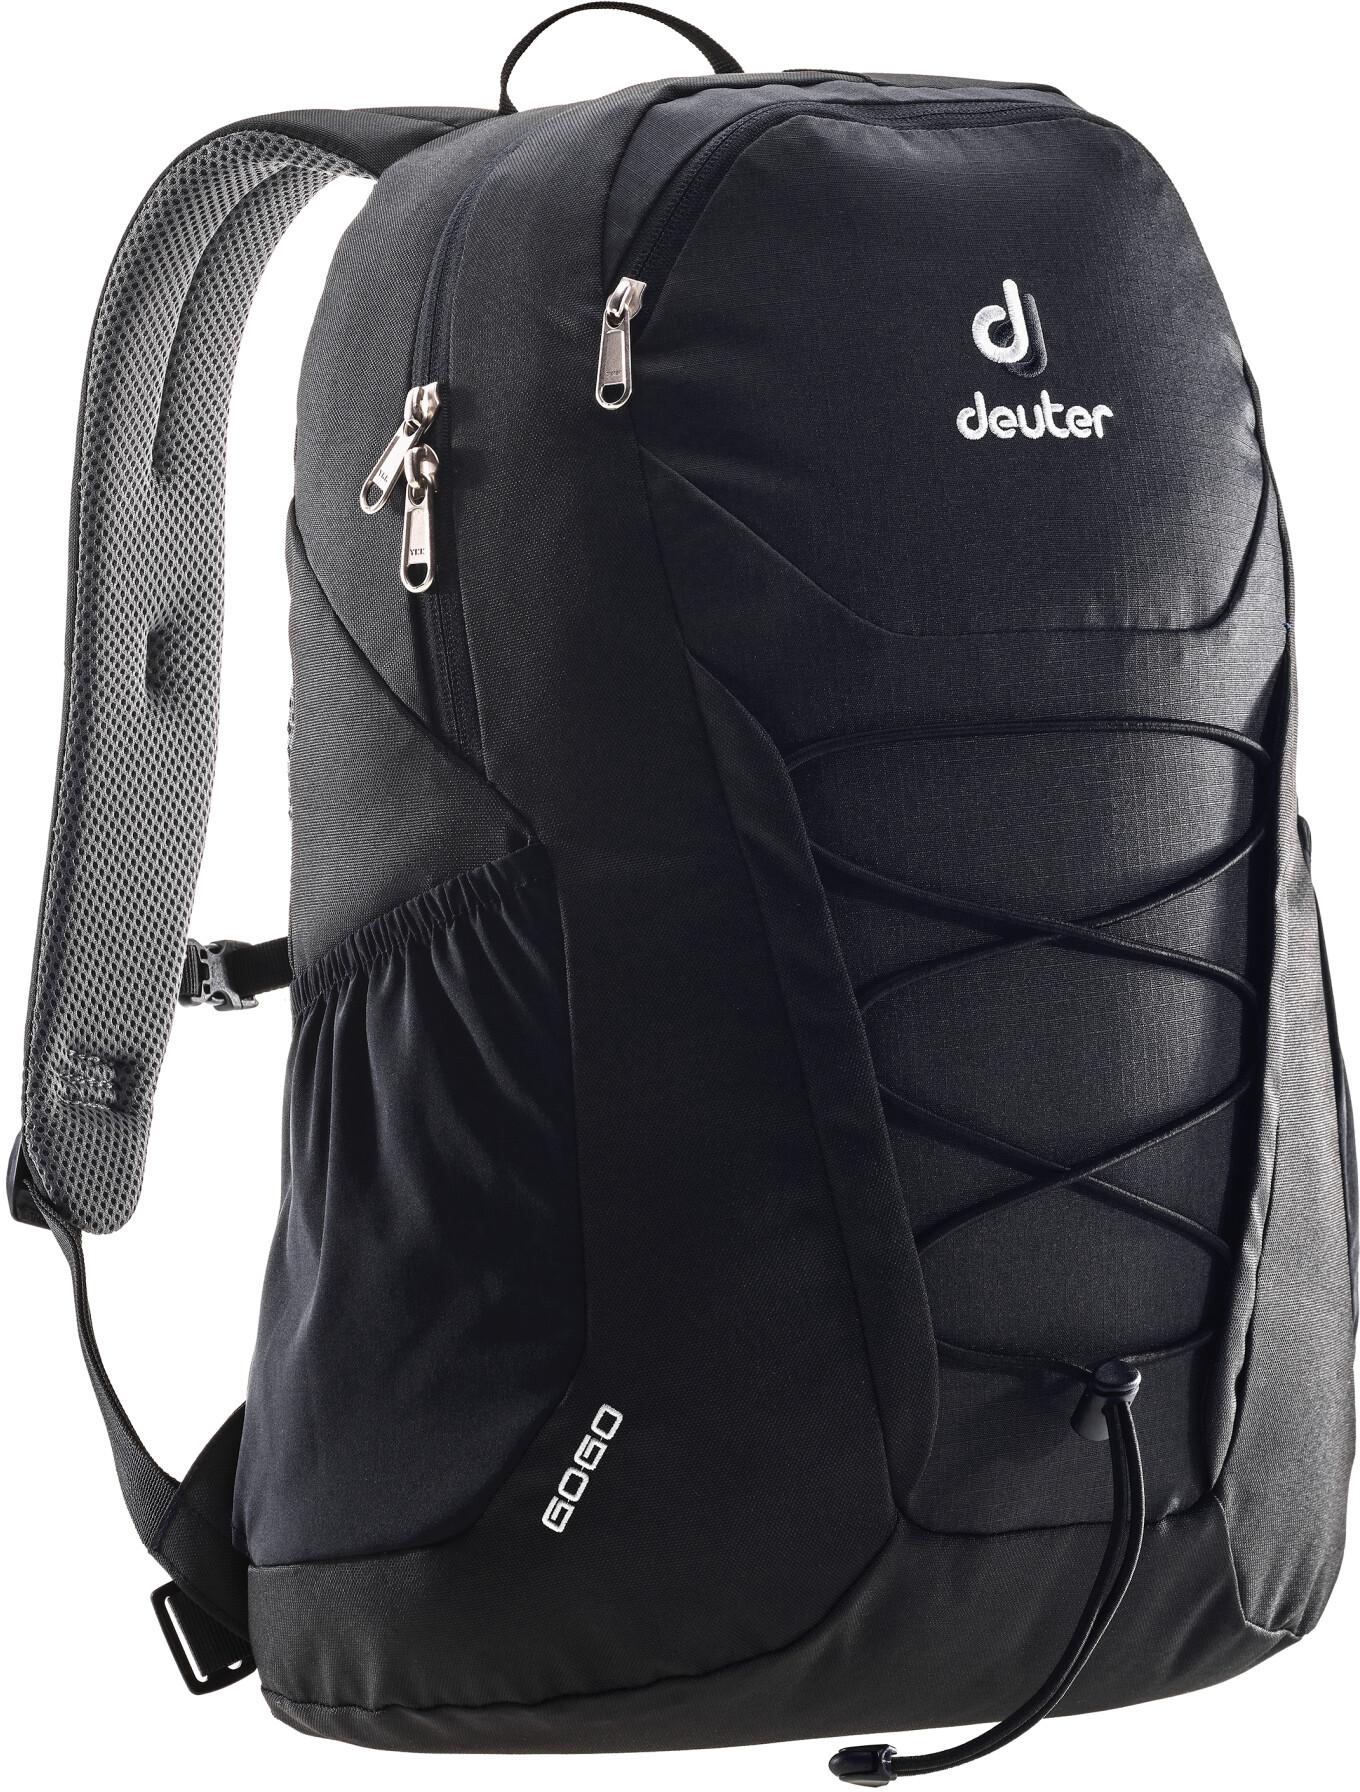 deuter gogo backpack 25l black. Black Bedroom Furniture Sets. Home Design Ideas